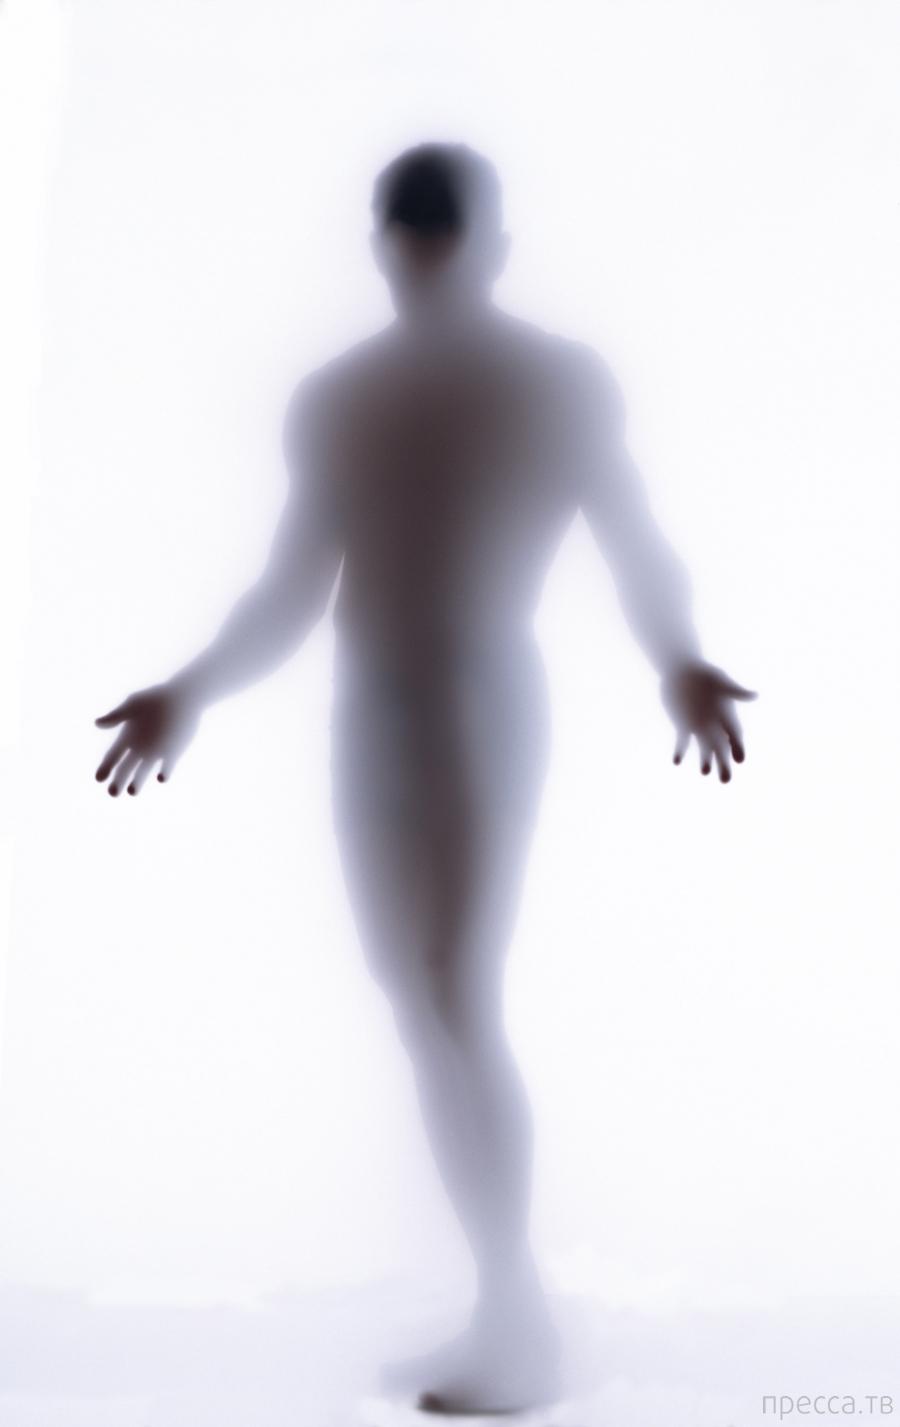 Топ 10: Основные теории, объясняющие призрачные явления